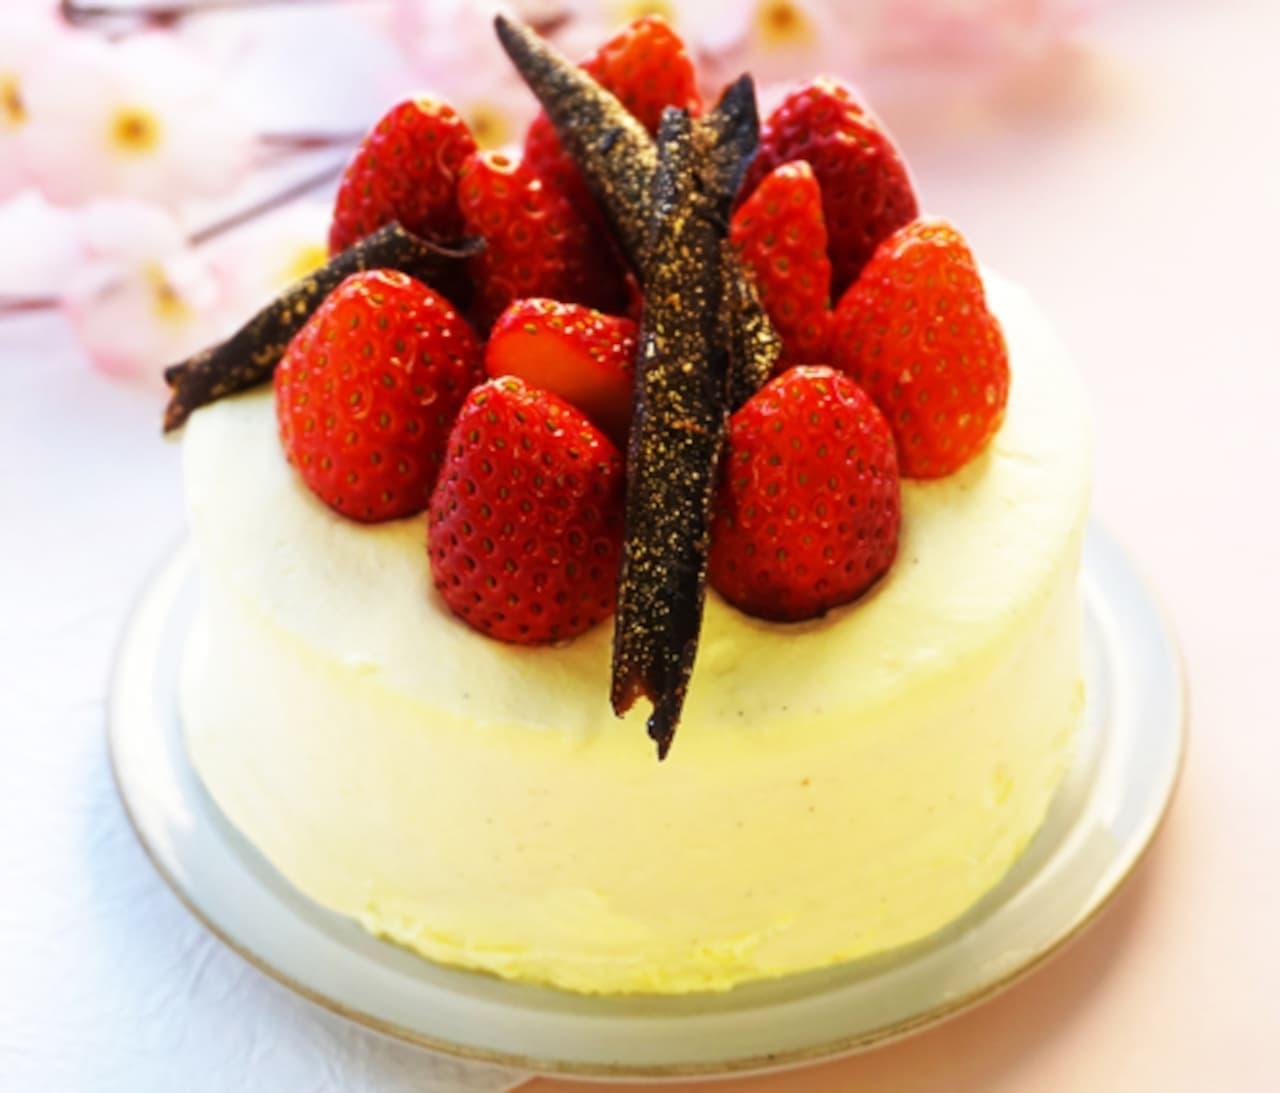 成城石井「口どけなめらかジャージーミルク苺ショートケーキ」